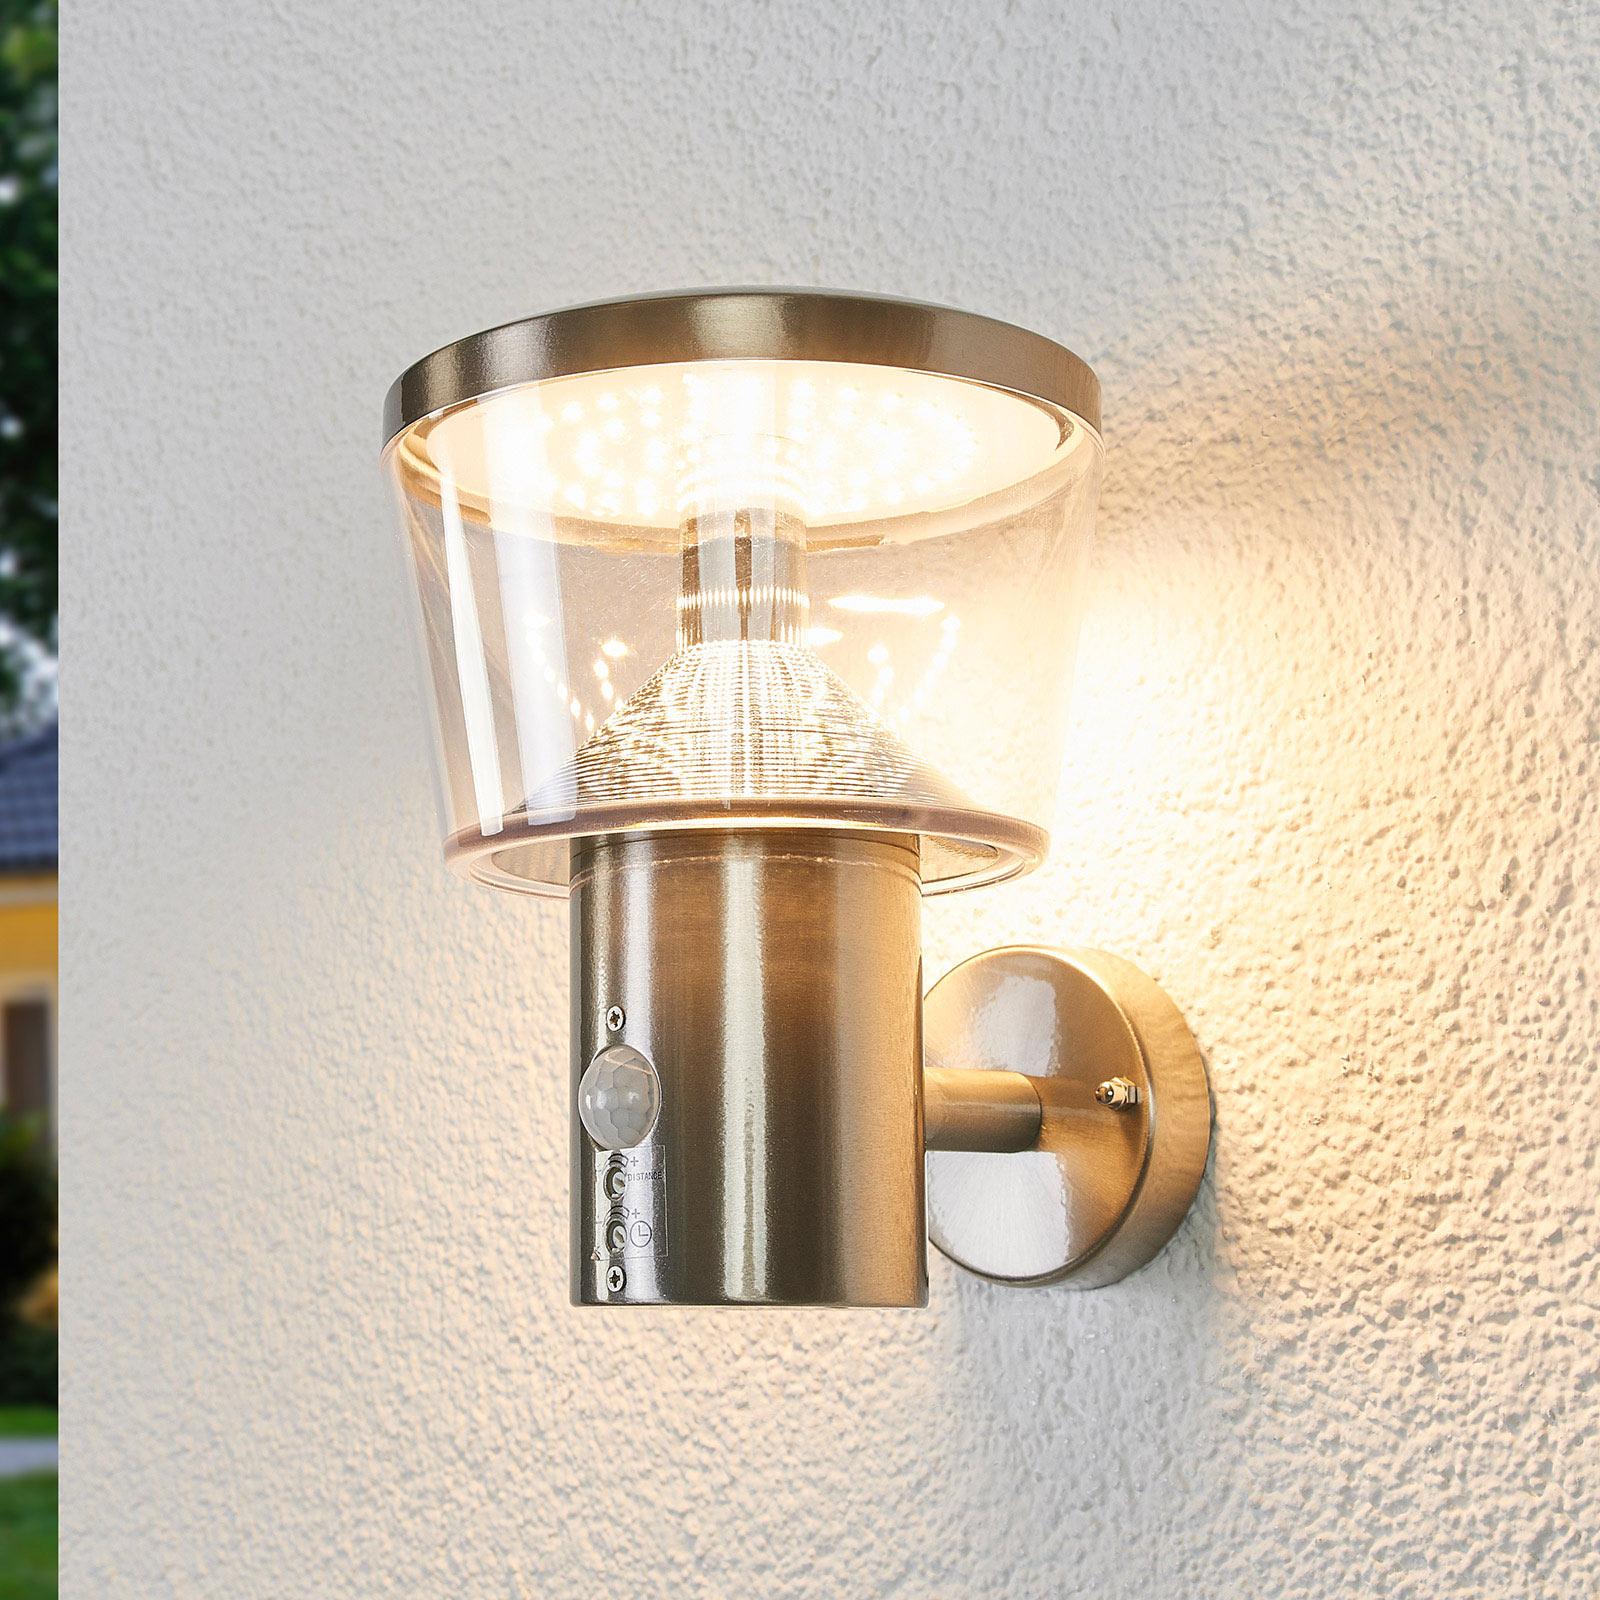 Lampa zewnętrzna Antje z diodami LED i czujnikiem